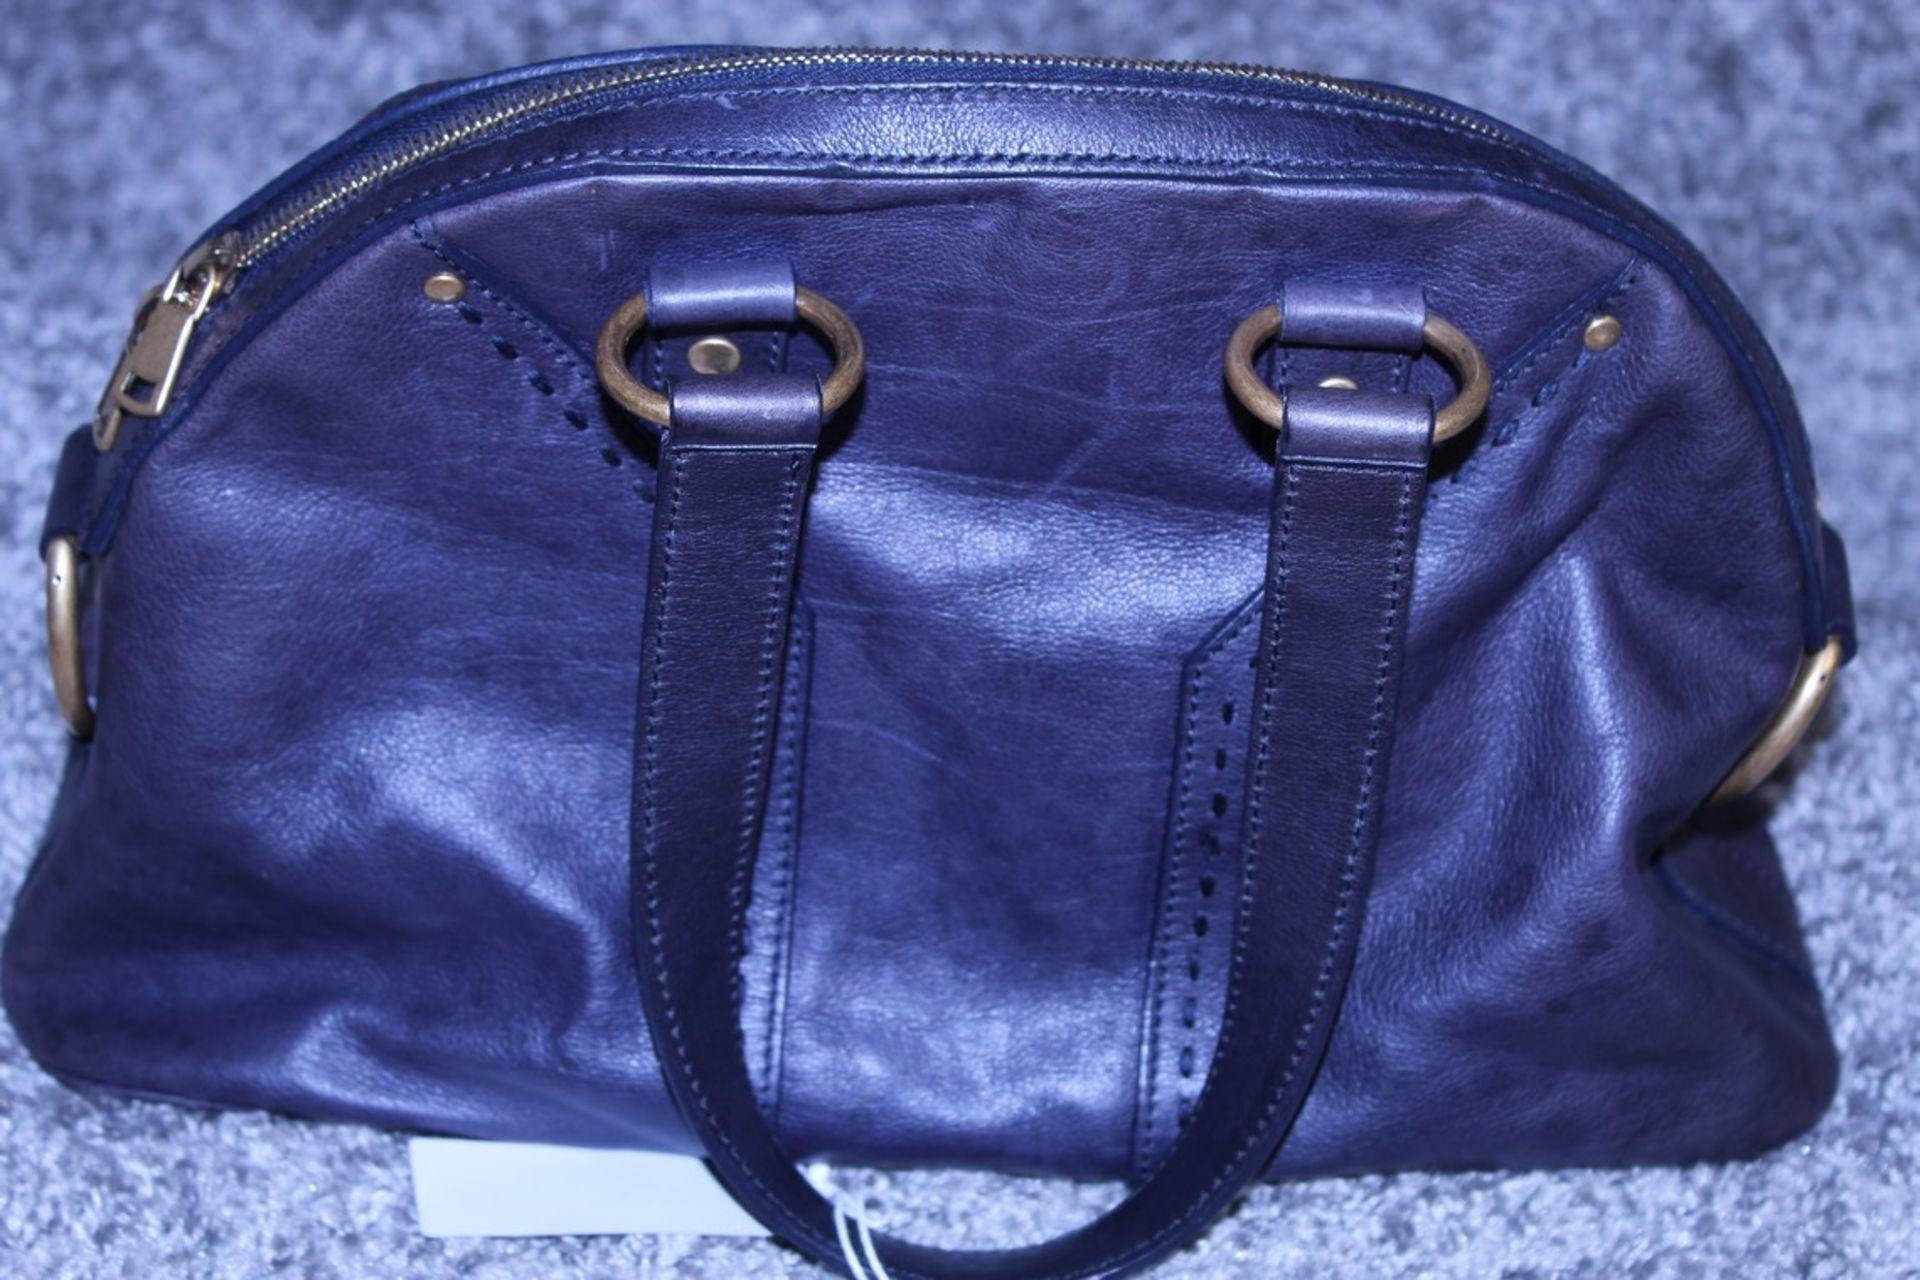 RRP £1,000 Yves St-Lauren Muse 1 Shoulder Bag, Indigo Small Grained Calf Leather Shoulder Bag, ( - Image 2 of 3